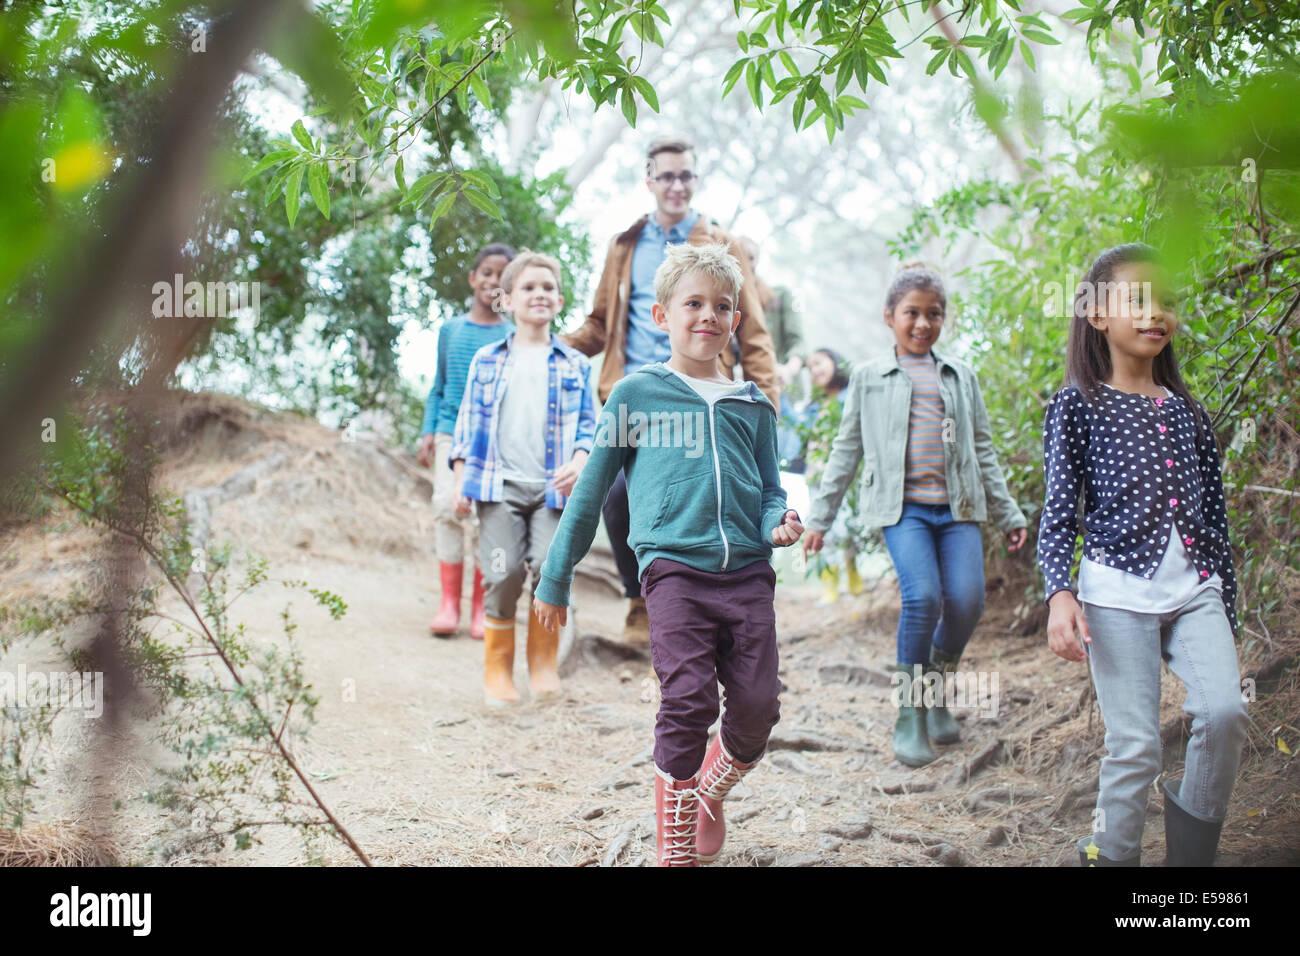 Los alumnos y el profesor caminando en el bosque Imagen De Stock